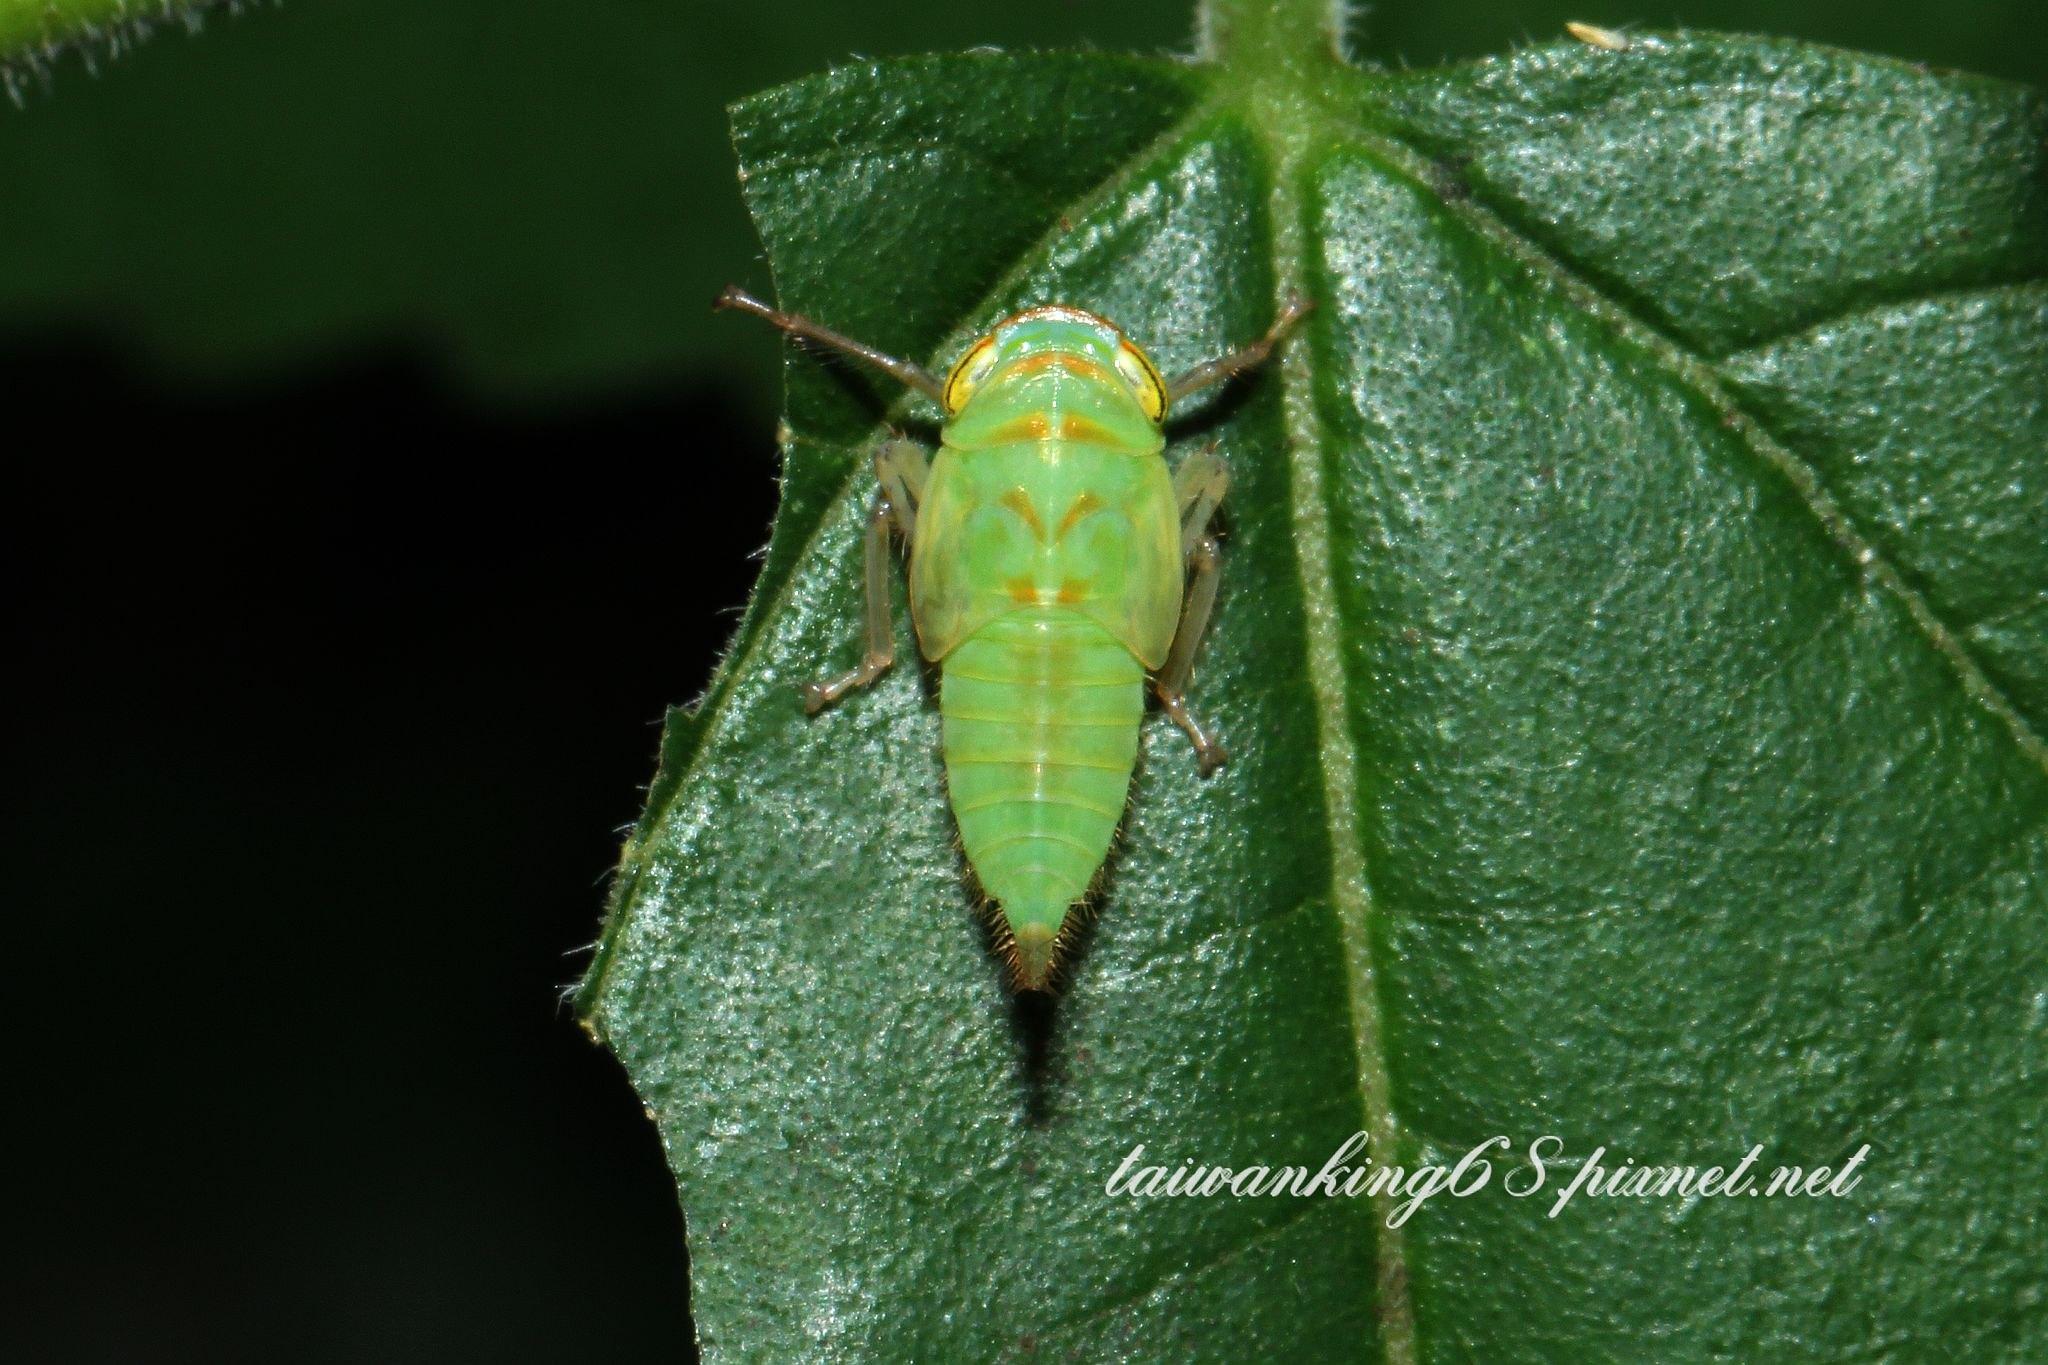 褐翅葉蟬的若蟲